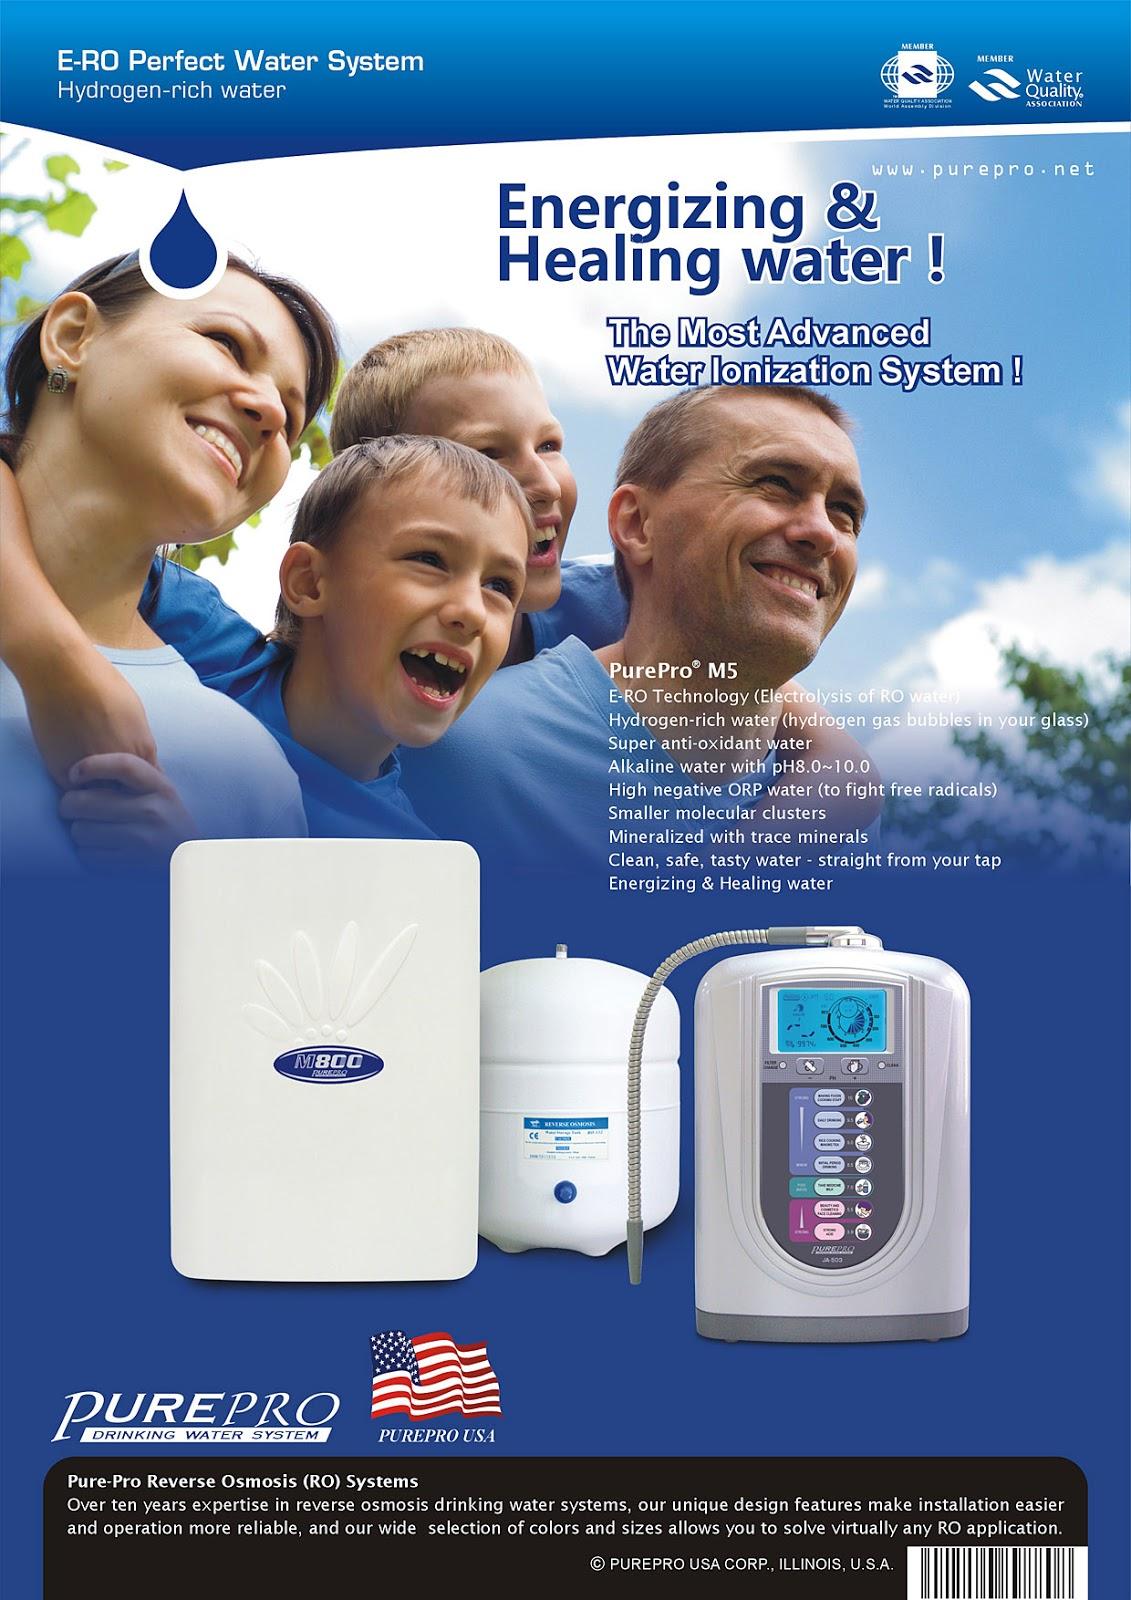 美國 ERO 氫水機 PurePro® M5 完美水系統 : 頂尖科技的結合 - 美國PurePro®健康還原水